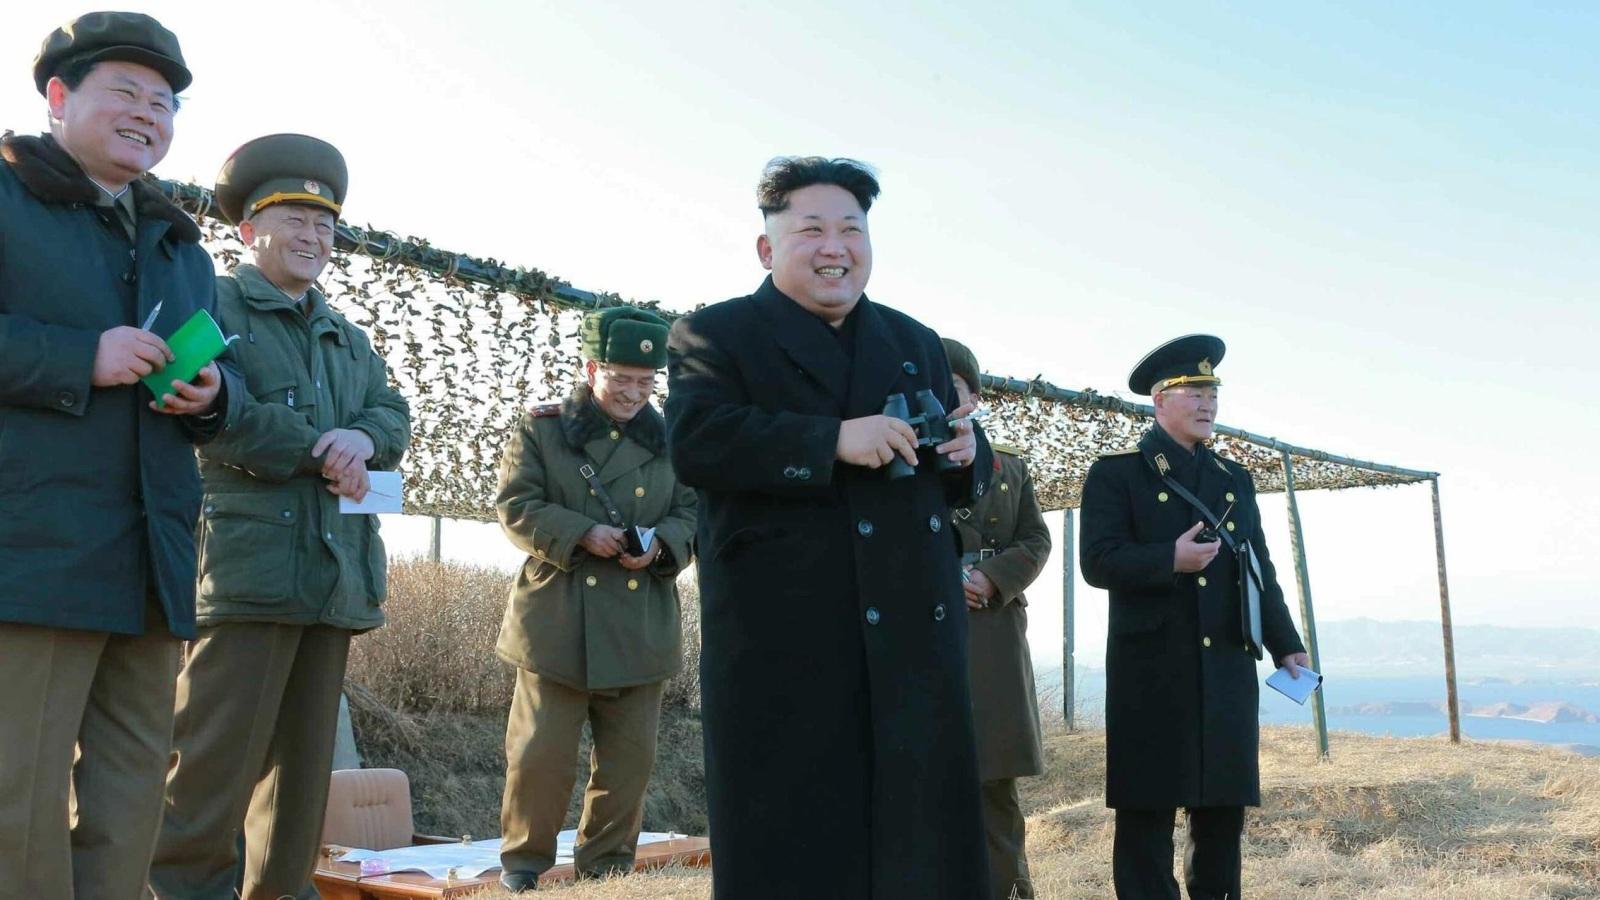 الفصل الختامي في قصة كوريا الشمالية